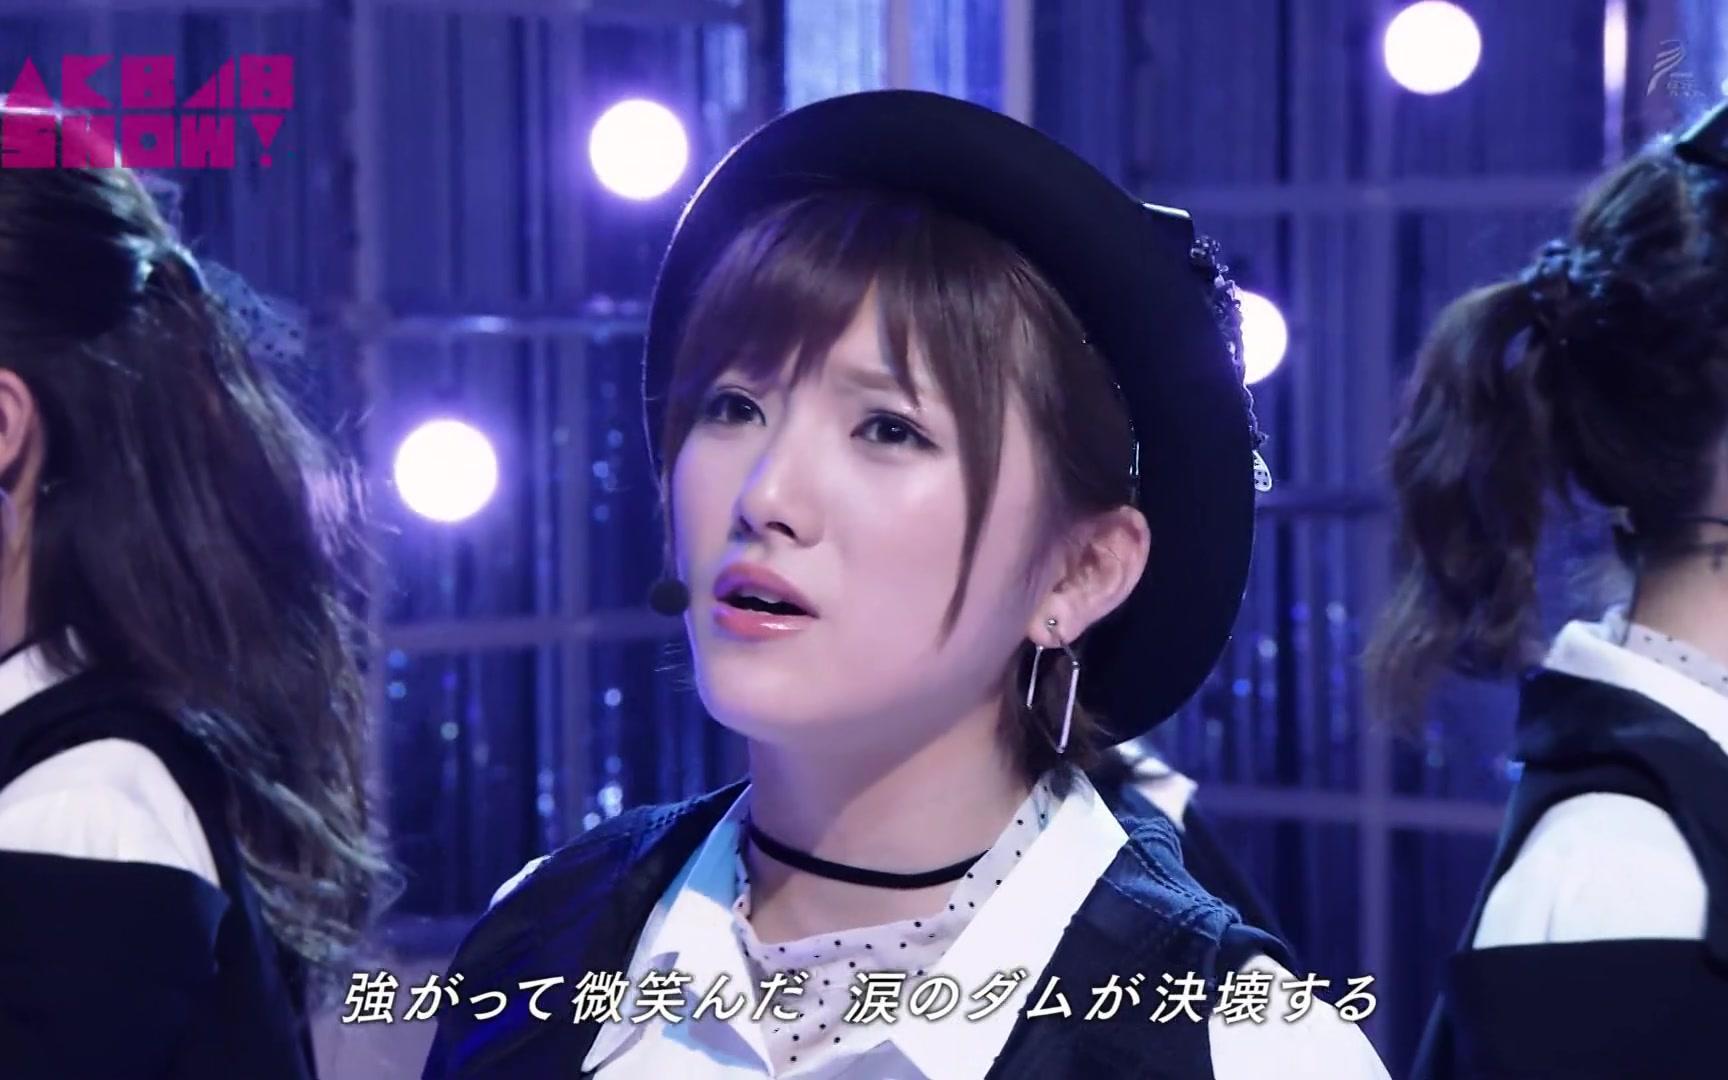 【1080P+】180408 AKB48 SHOW! CUT_嗶哩嗶哩 (゜-゜)つロ 干杯~-bilibili